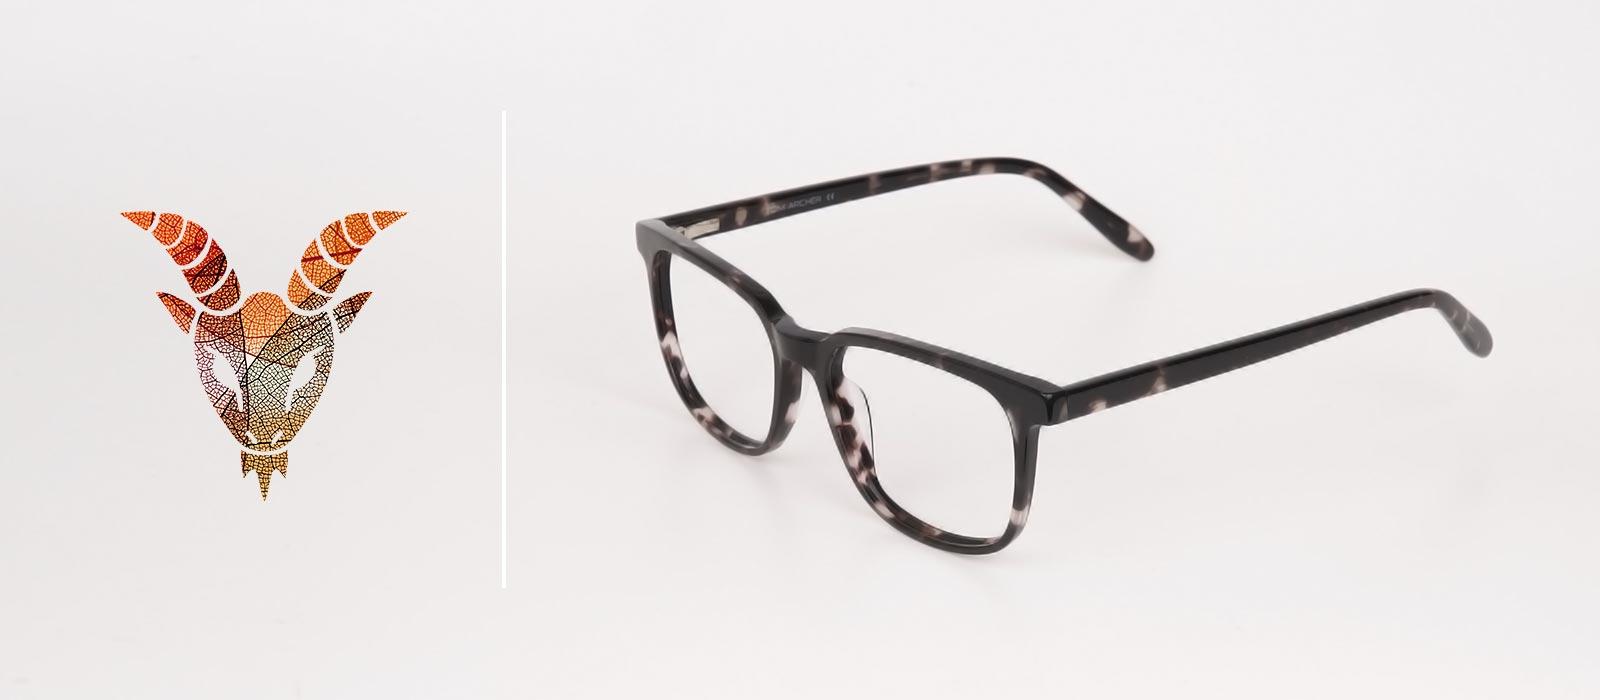 Eyewear trends 2019 with Capricorn Zodiac sign